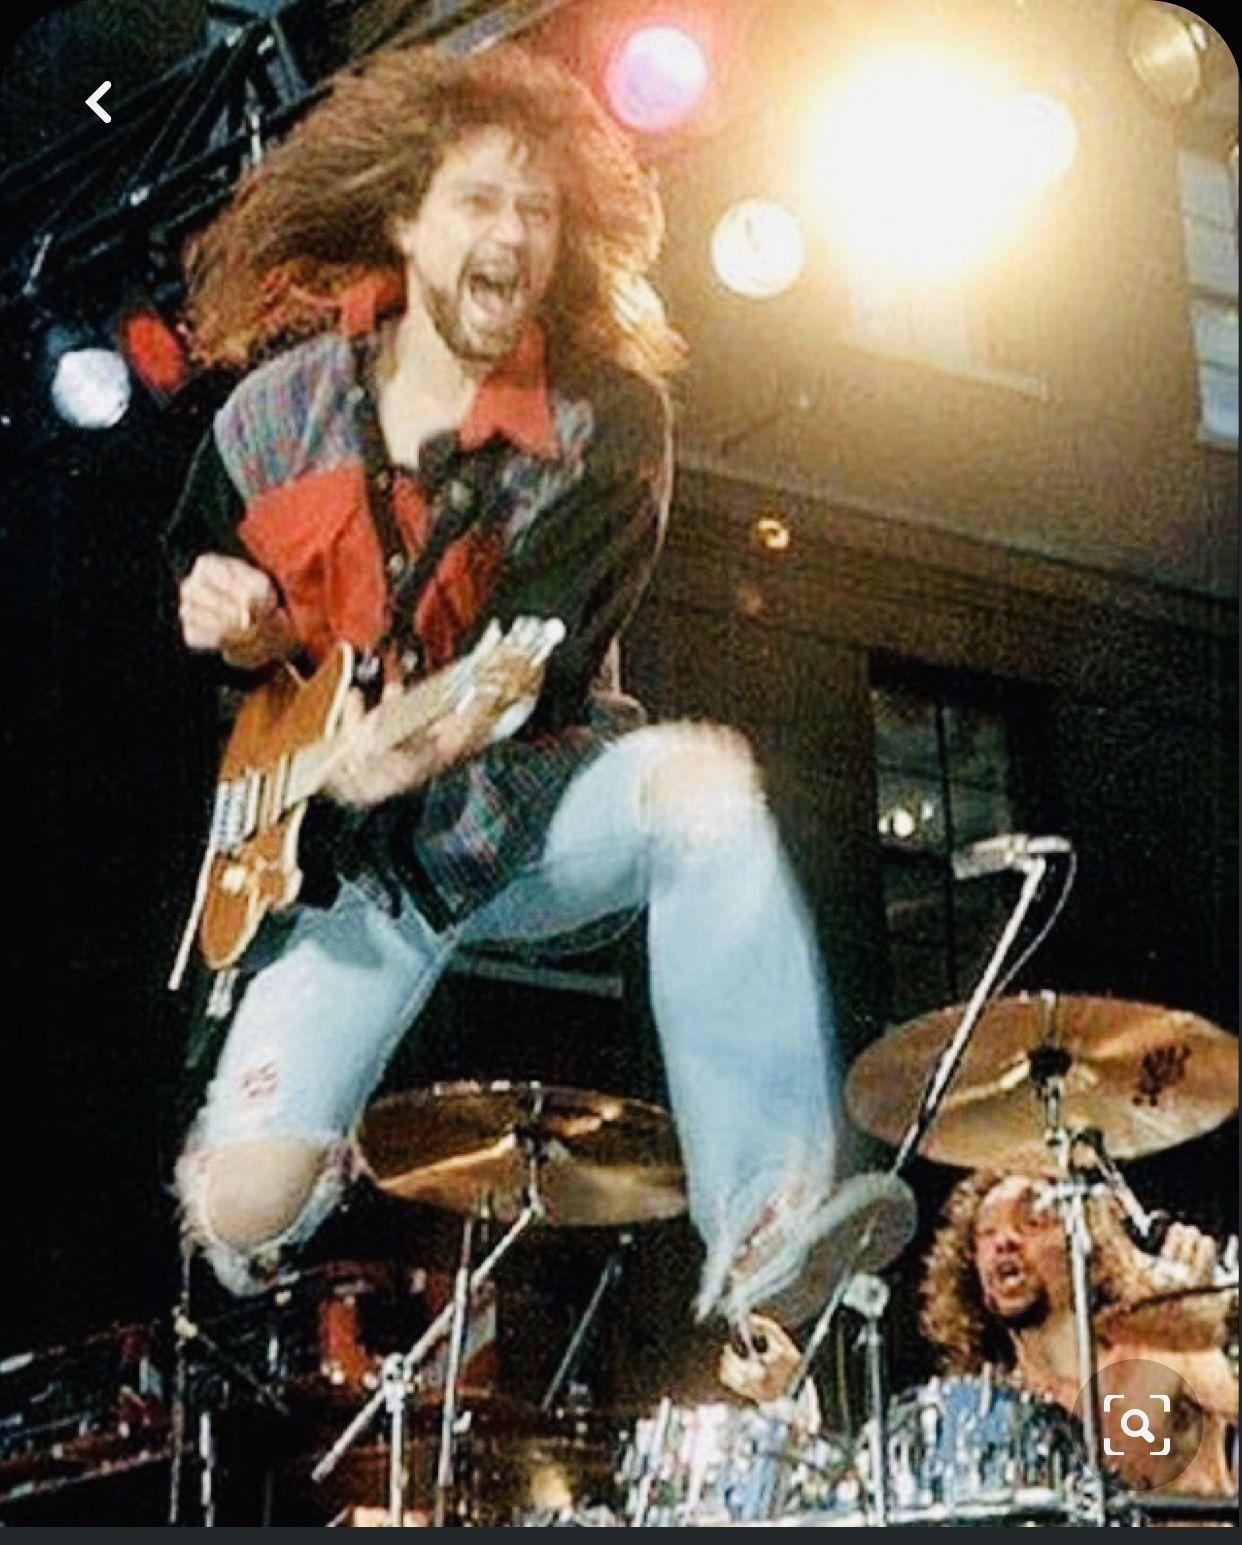 Pin By Kobchai Chirachanchai On Music Van Halen Eddie Van Halen Dallas Show